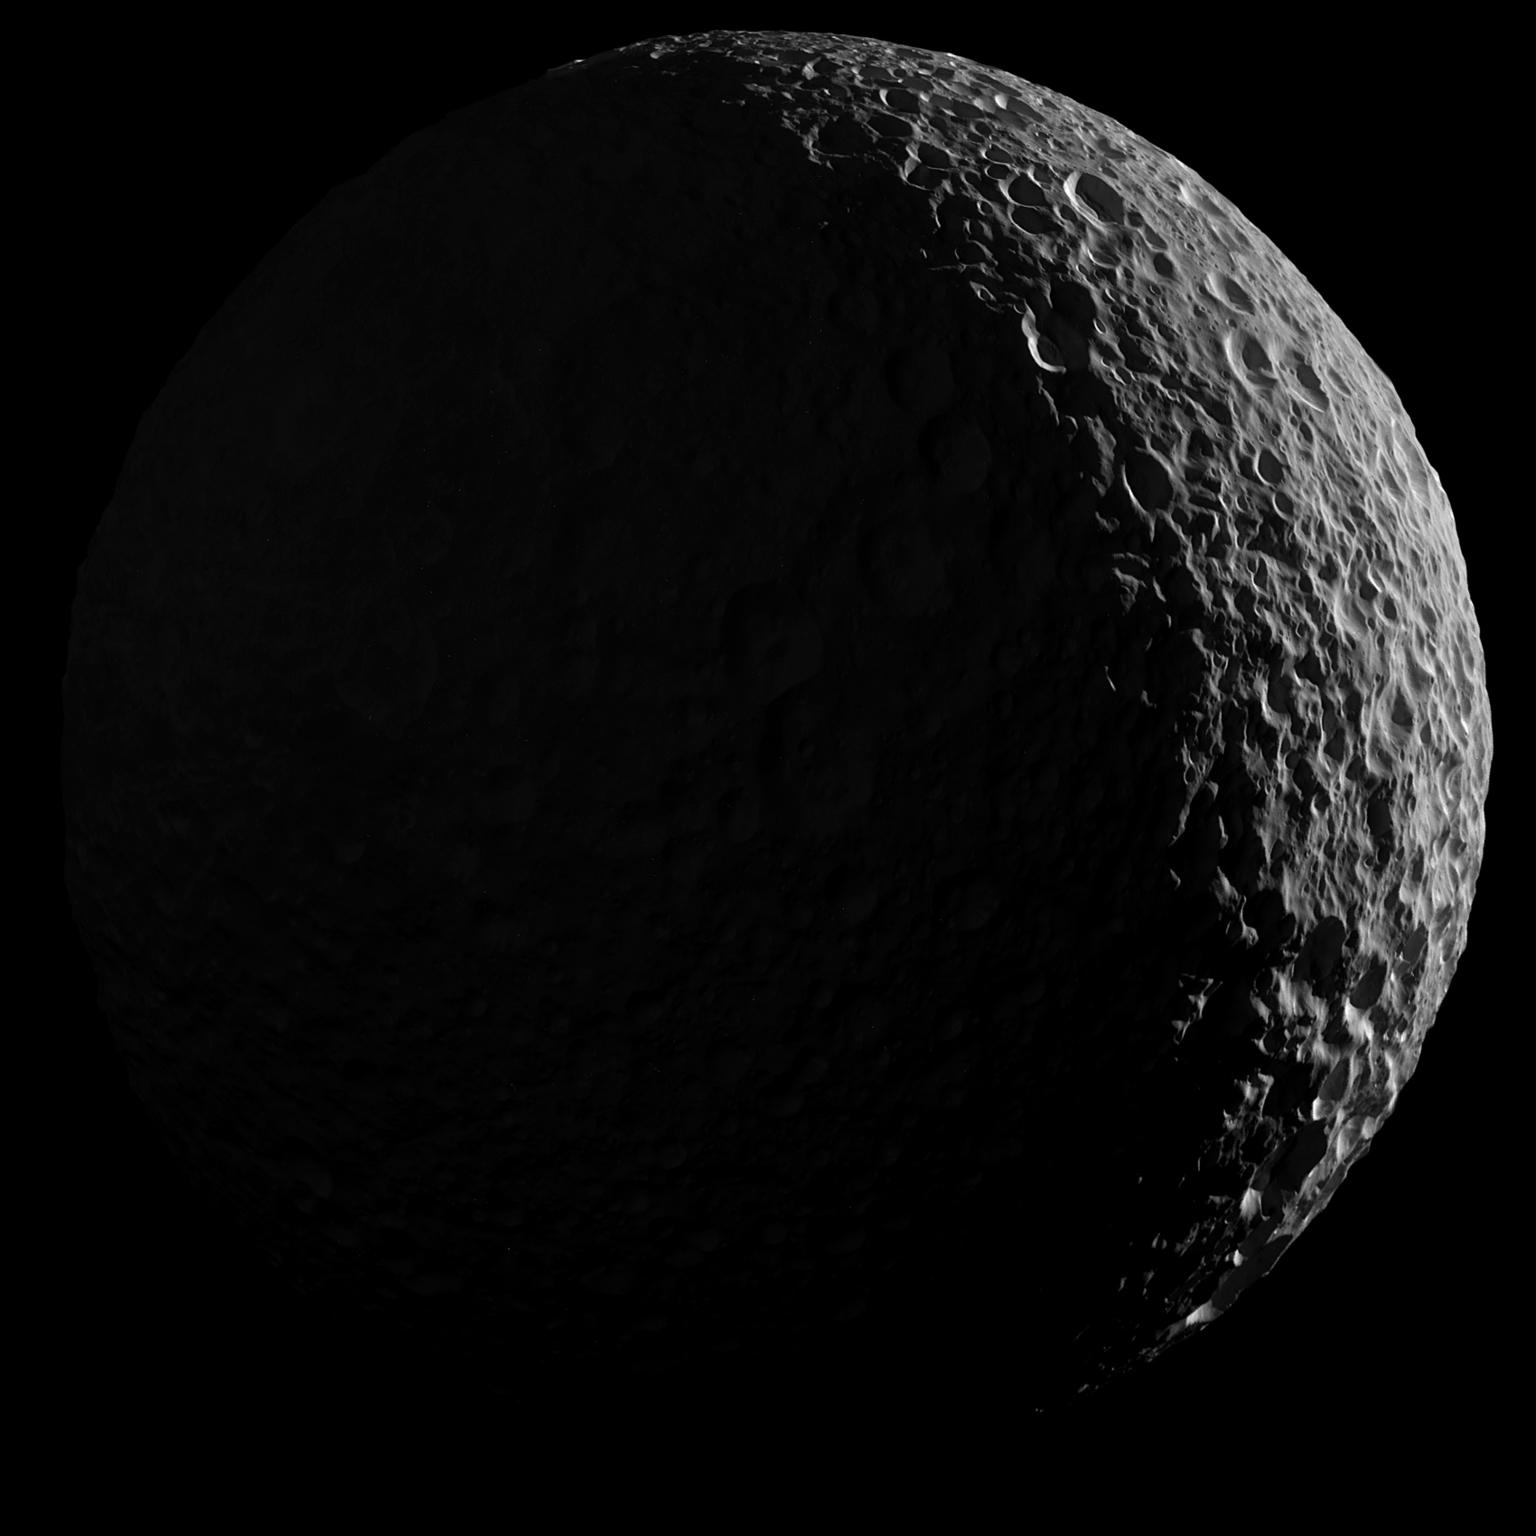 A Mimasz, ahogyan nagy teljesítményű teleszkópon keresztül látnánk, bal féltekéje árnyékban, alig világítja meg a Szaturnusz visszaverte fény. (Fotó: NASA/JPL-Caltech/Űrtudományi Intézet)